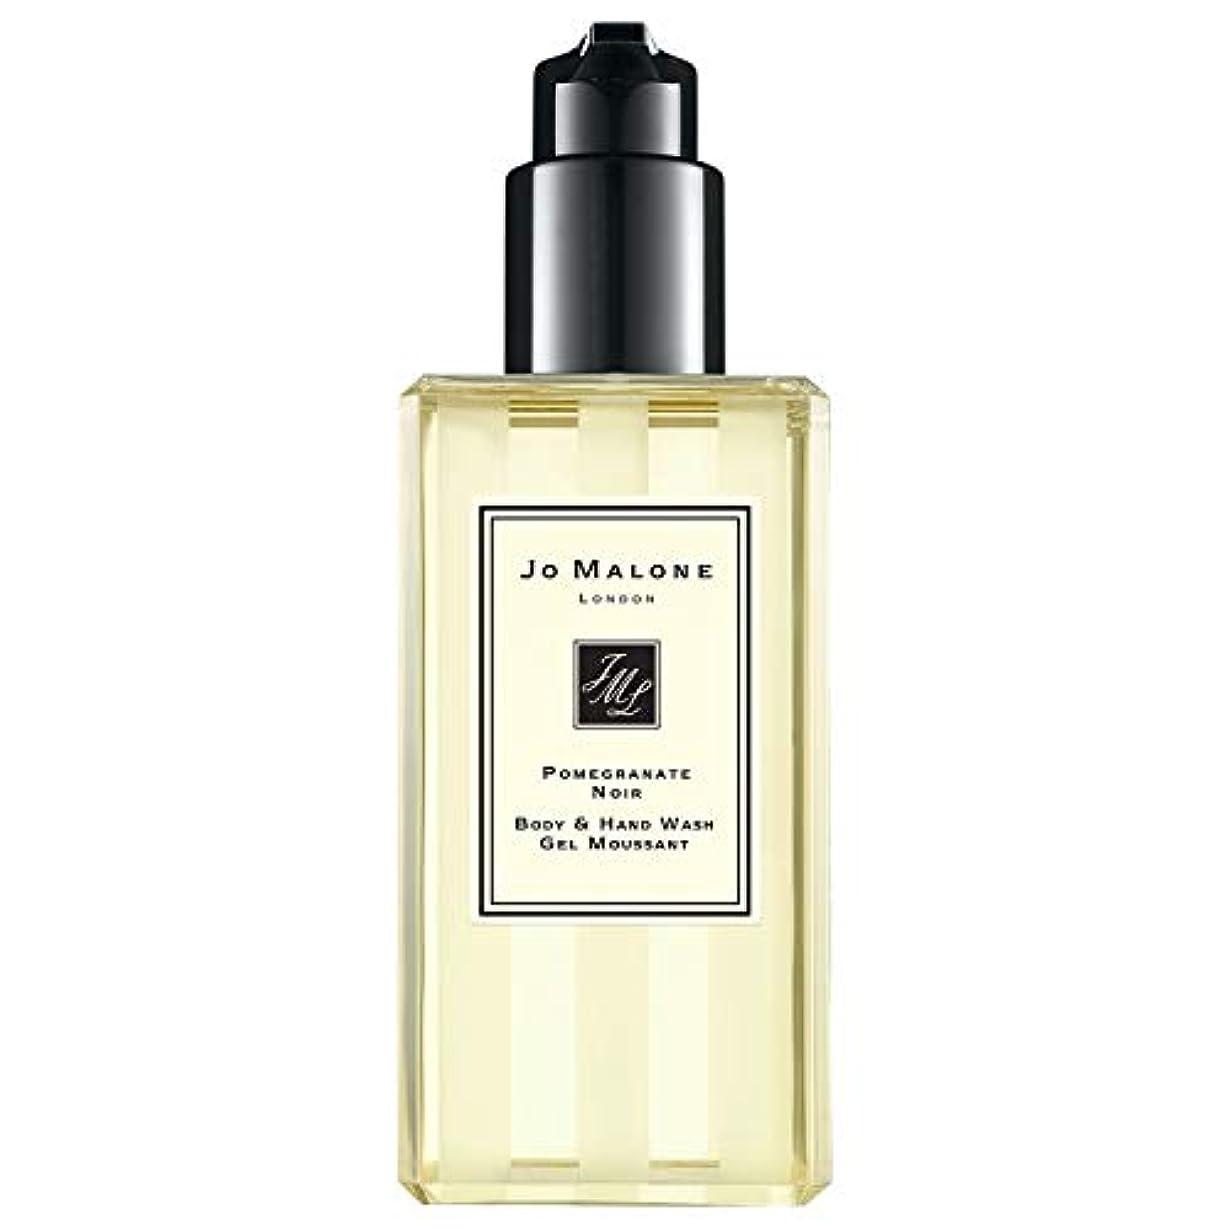 メイト日常的にボンド[Jo Malone] ジョーマローンロンドンザクロノワールボディ&ハンドウォッシュ250ミリリットル - Jo Malone London Pomegranate Noir Body & Hand Wash 250ml...